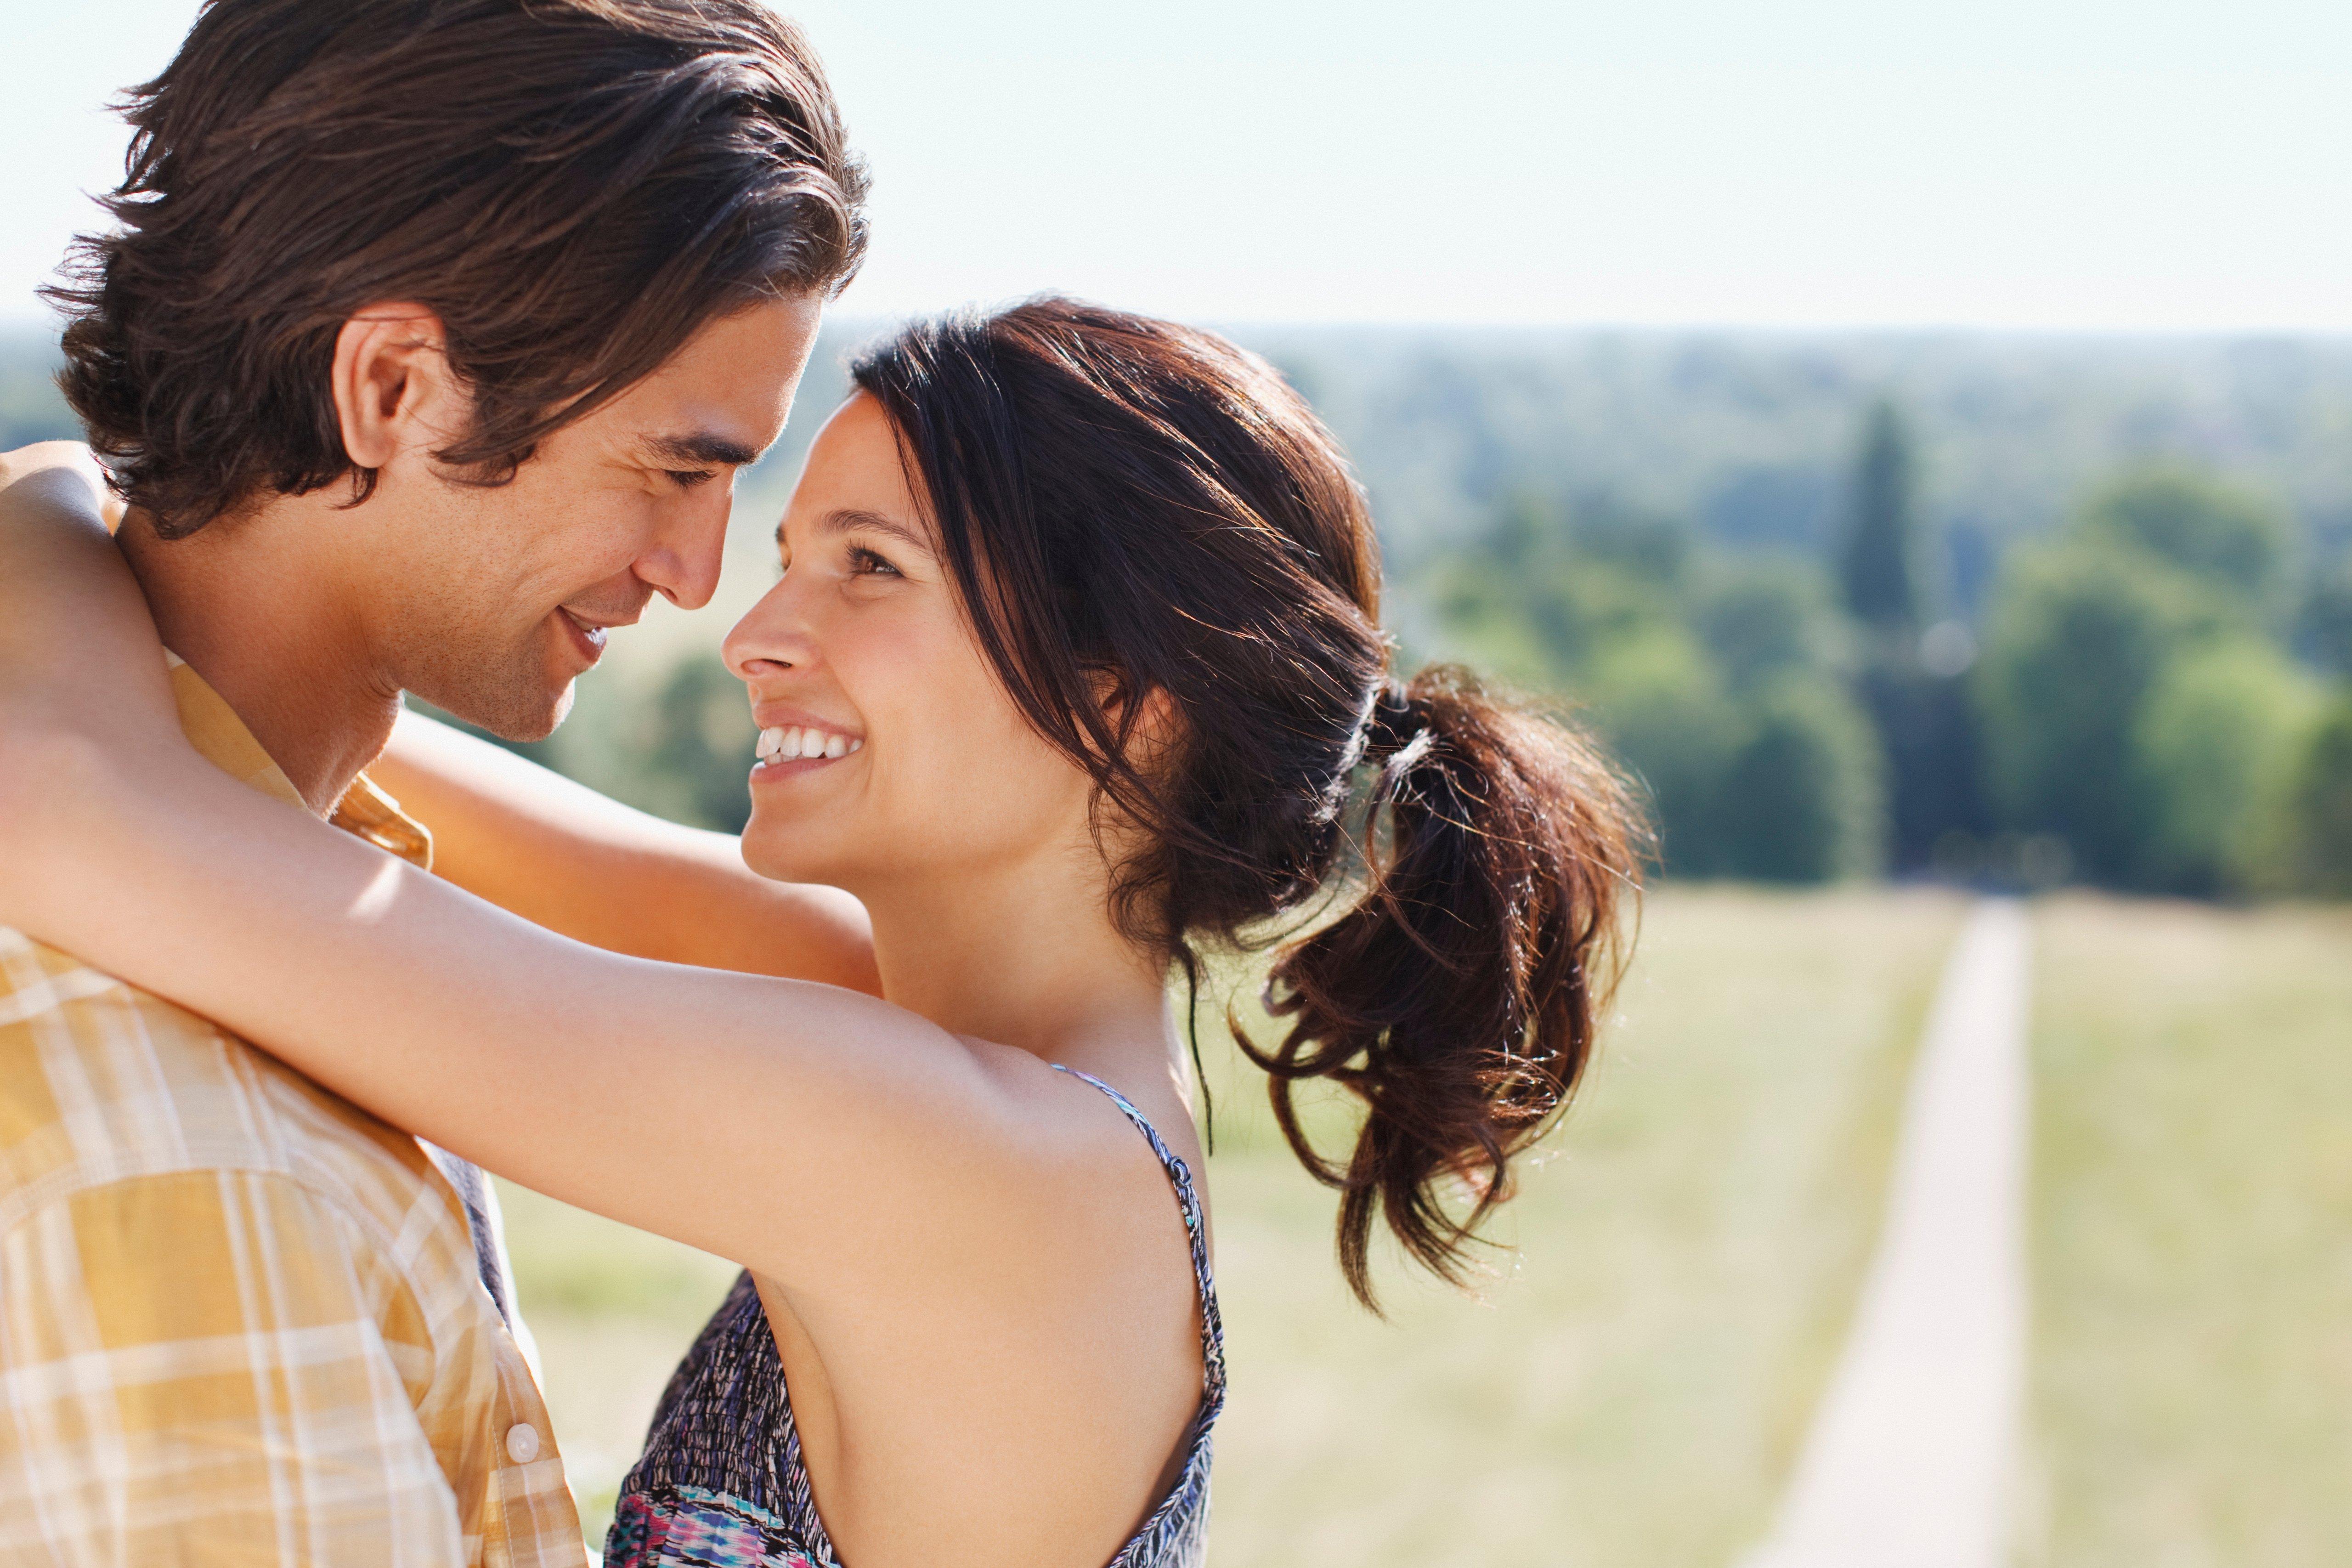 happy couple, romantic, outdoors, love